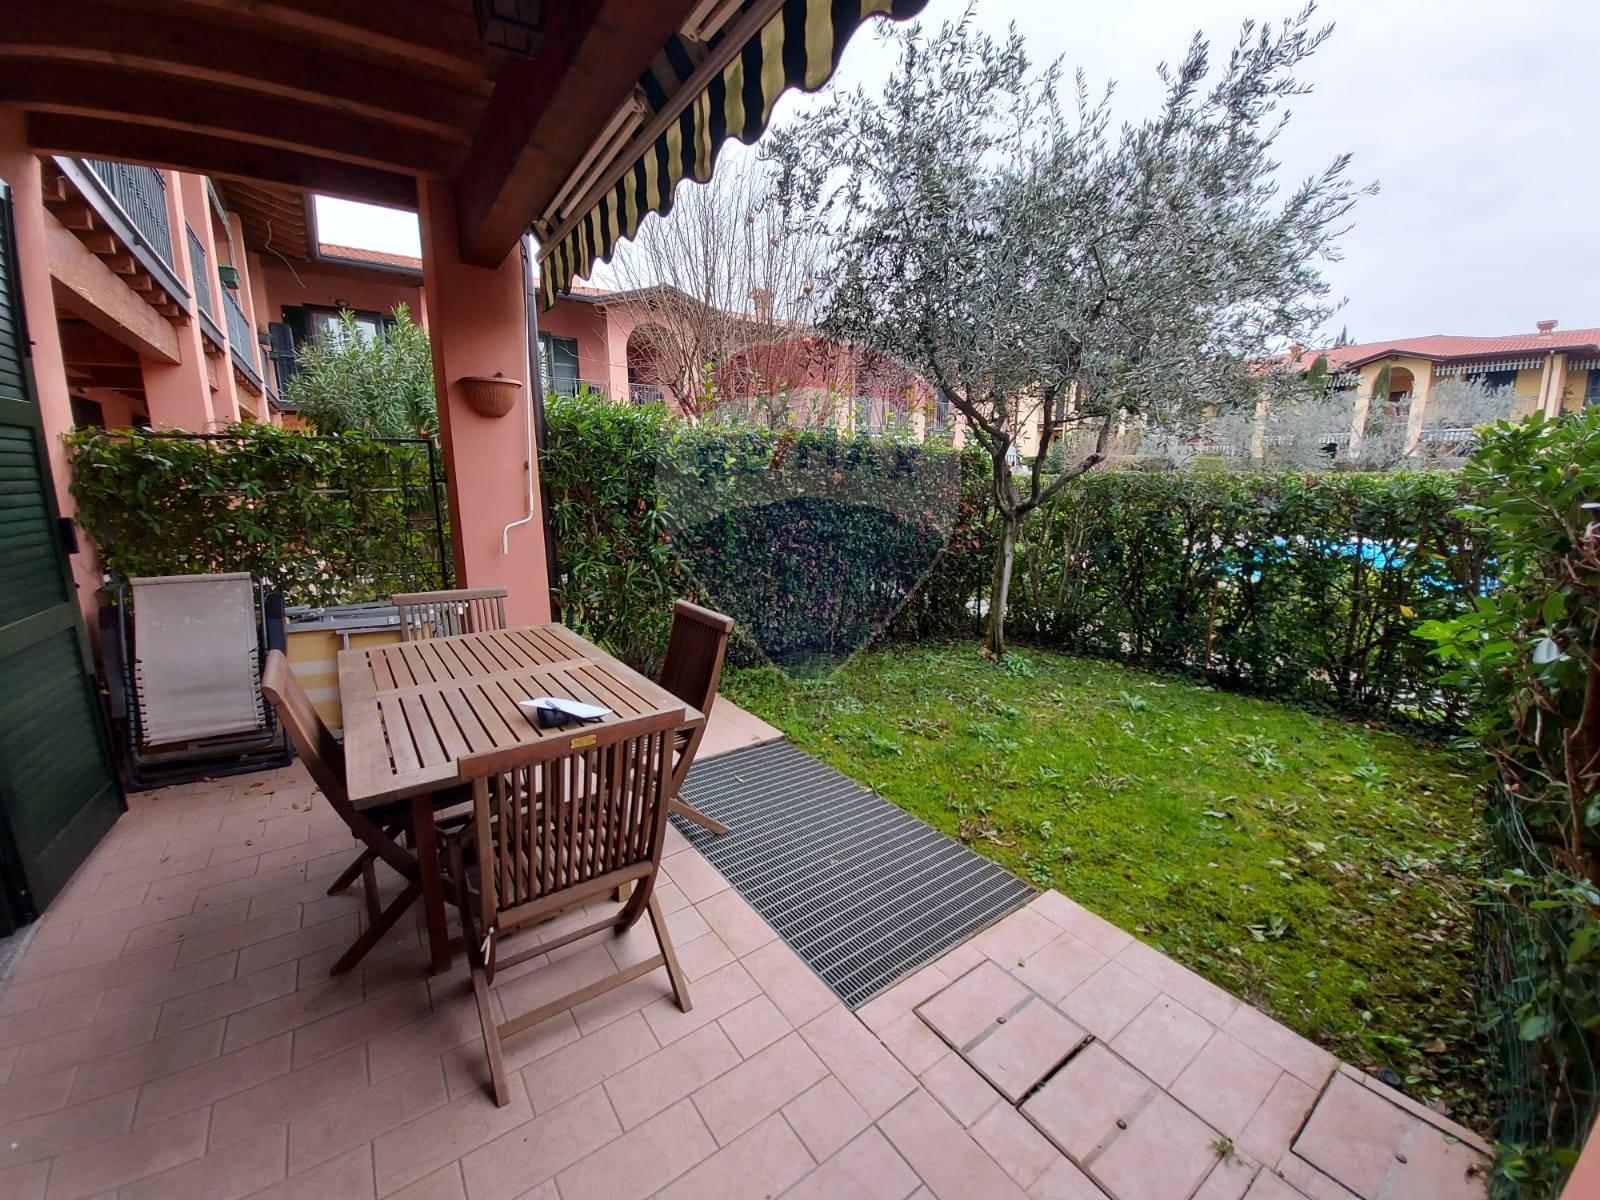 Appartamento in vendita a Puegnago sul Garda, 3 locali, zona a, prezzo € 185.000 | PortaleAgenzieImmobiliari.it